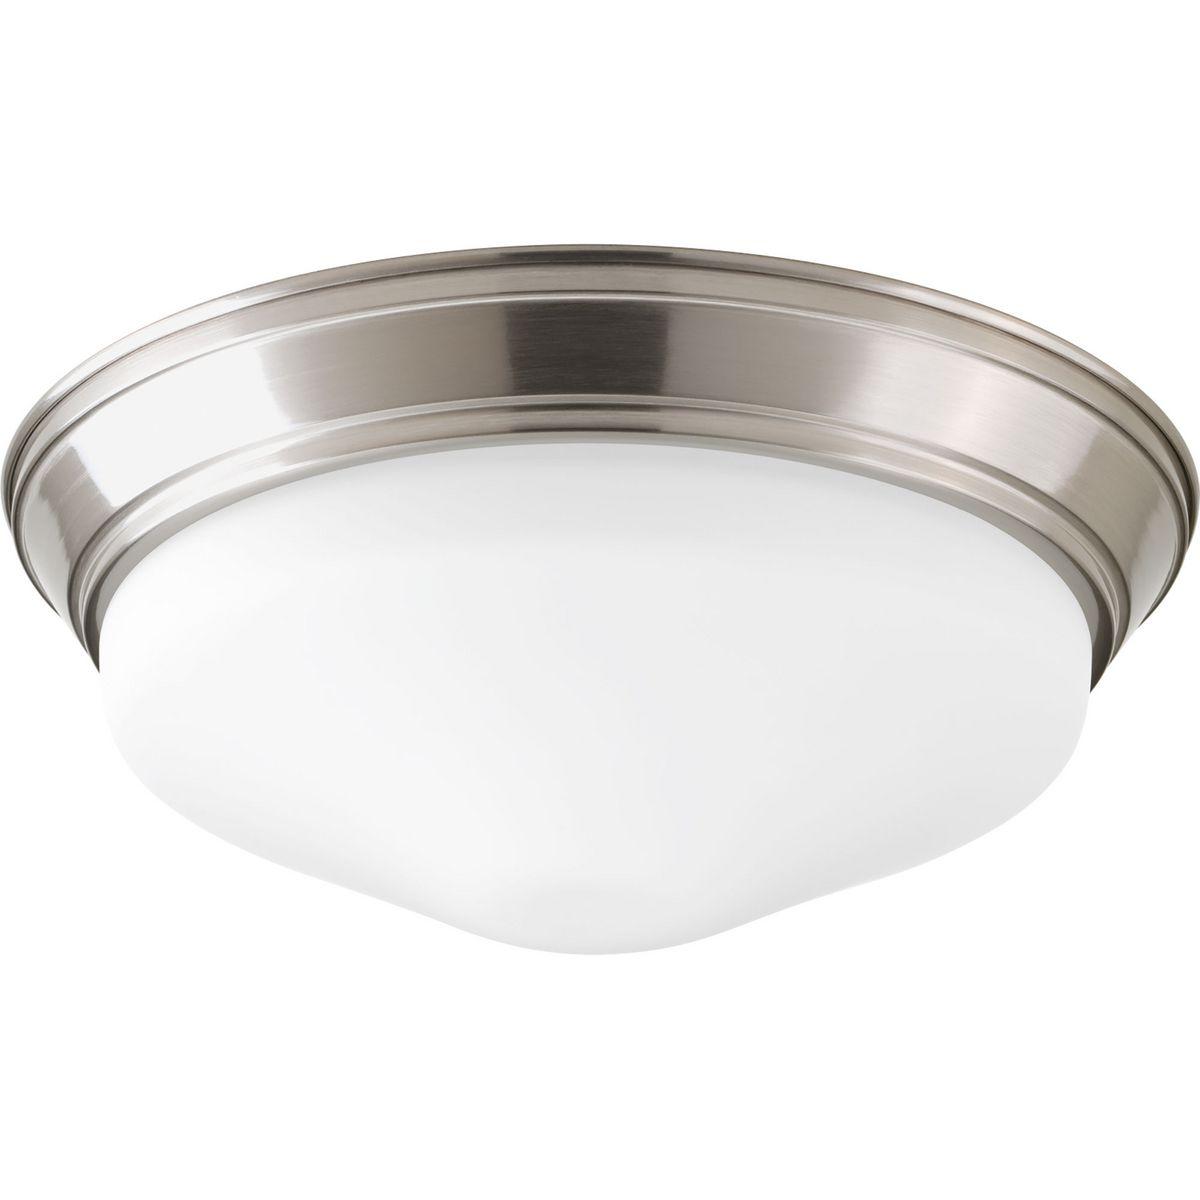 13-1/4in One-Light LED Flush Mount BN